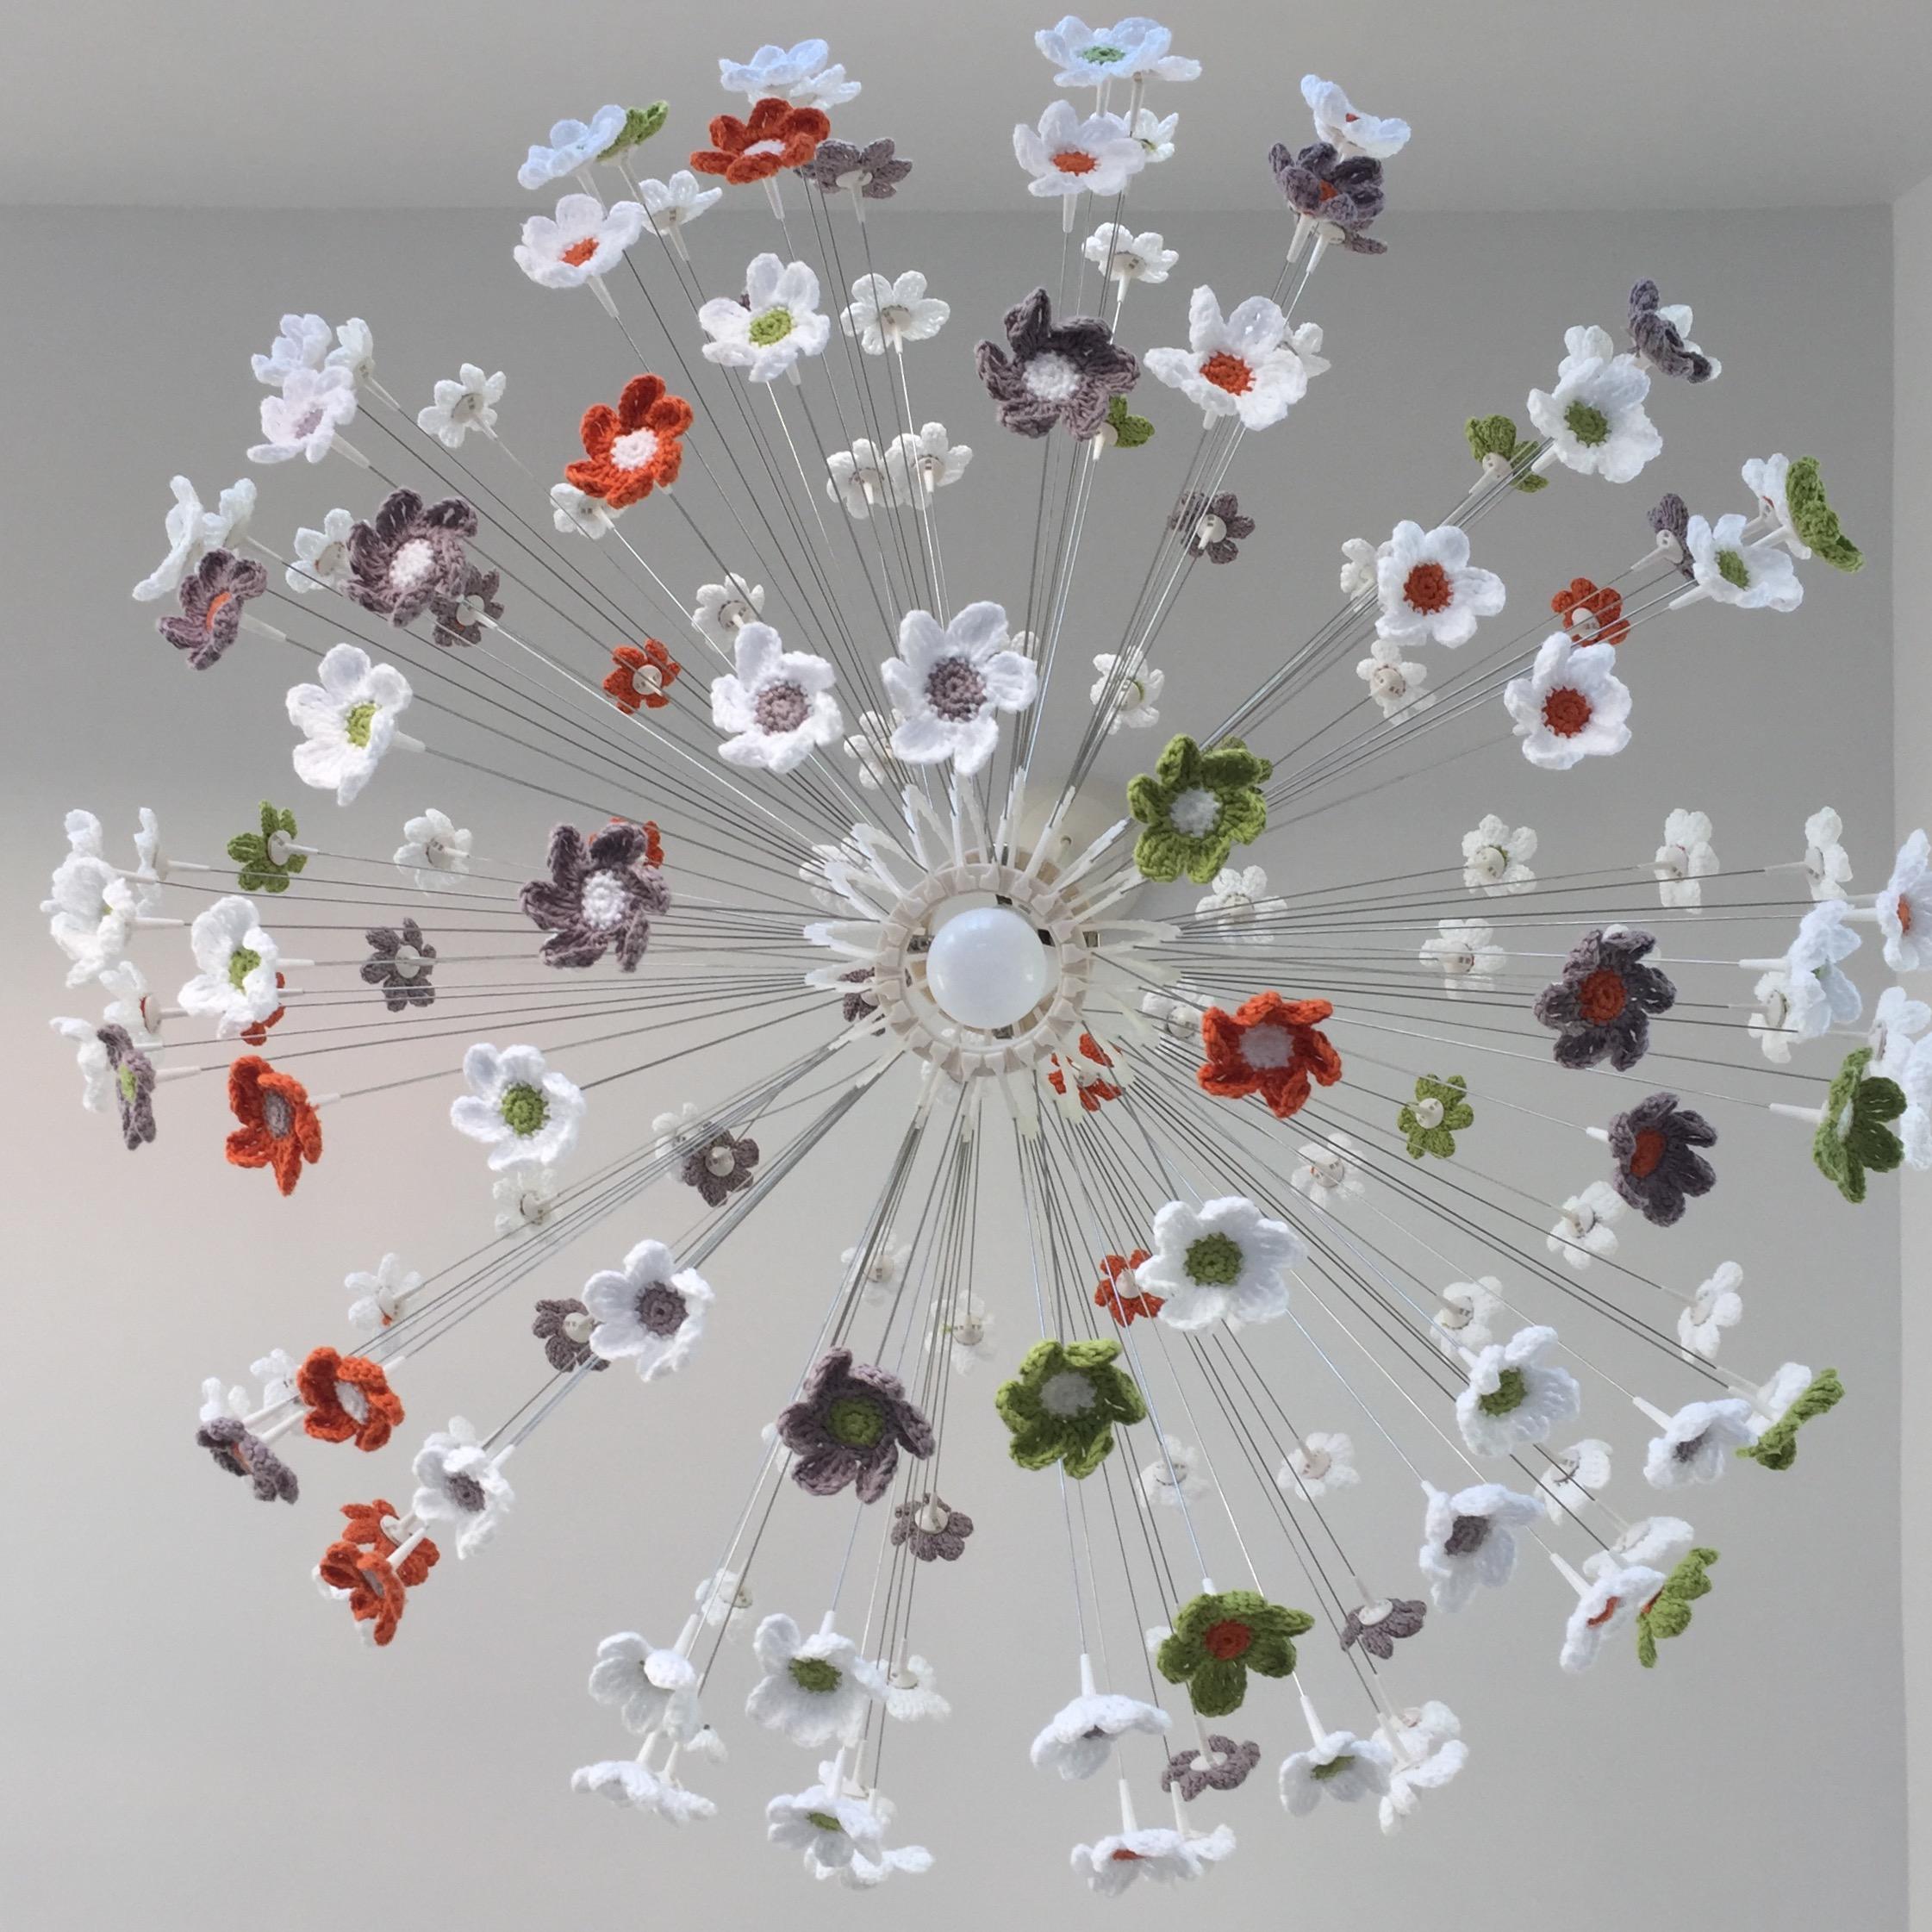 Ikea maskros lamp hack kit wedna wedonotagree ikea maskros lamp hack kit arubaitofo Choice Image